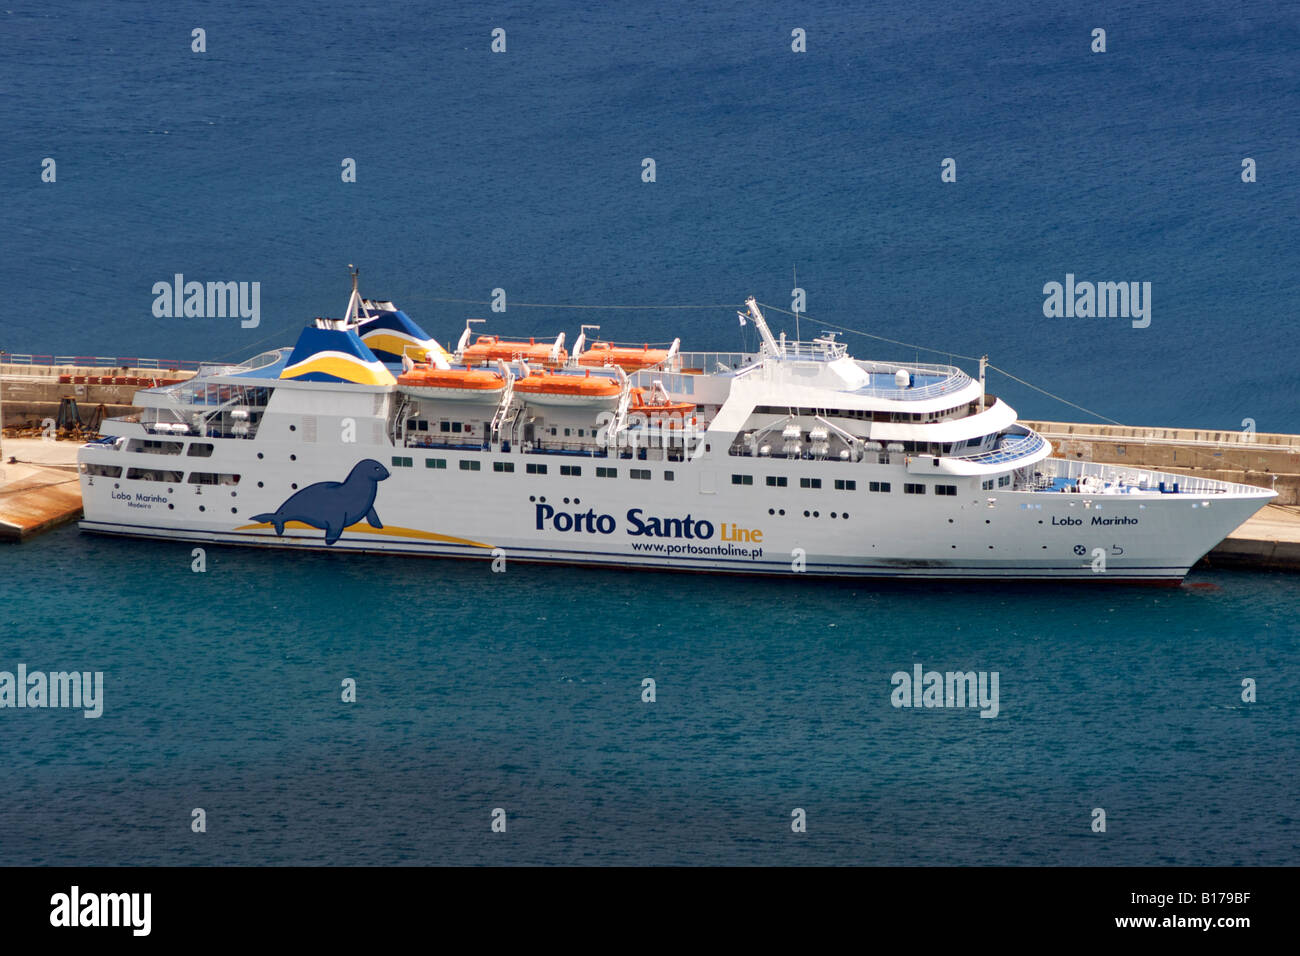 The Madeira-Porto Santo ferry in the port of the Portuguese Atlantic island of Porto Santo. - Stock Image